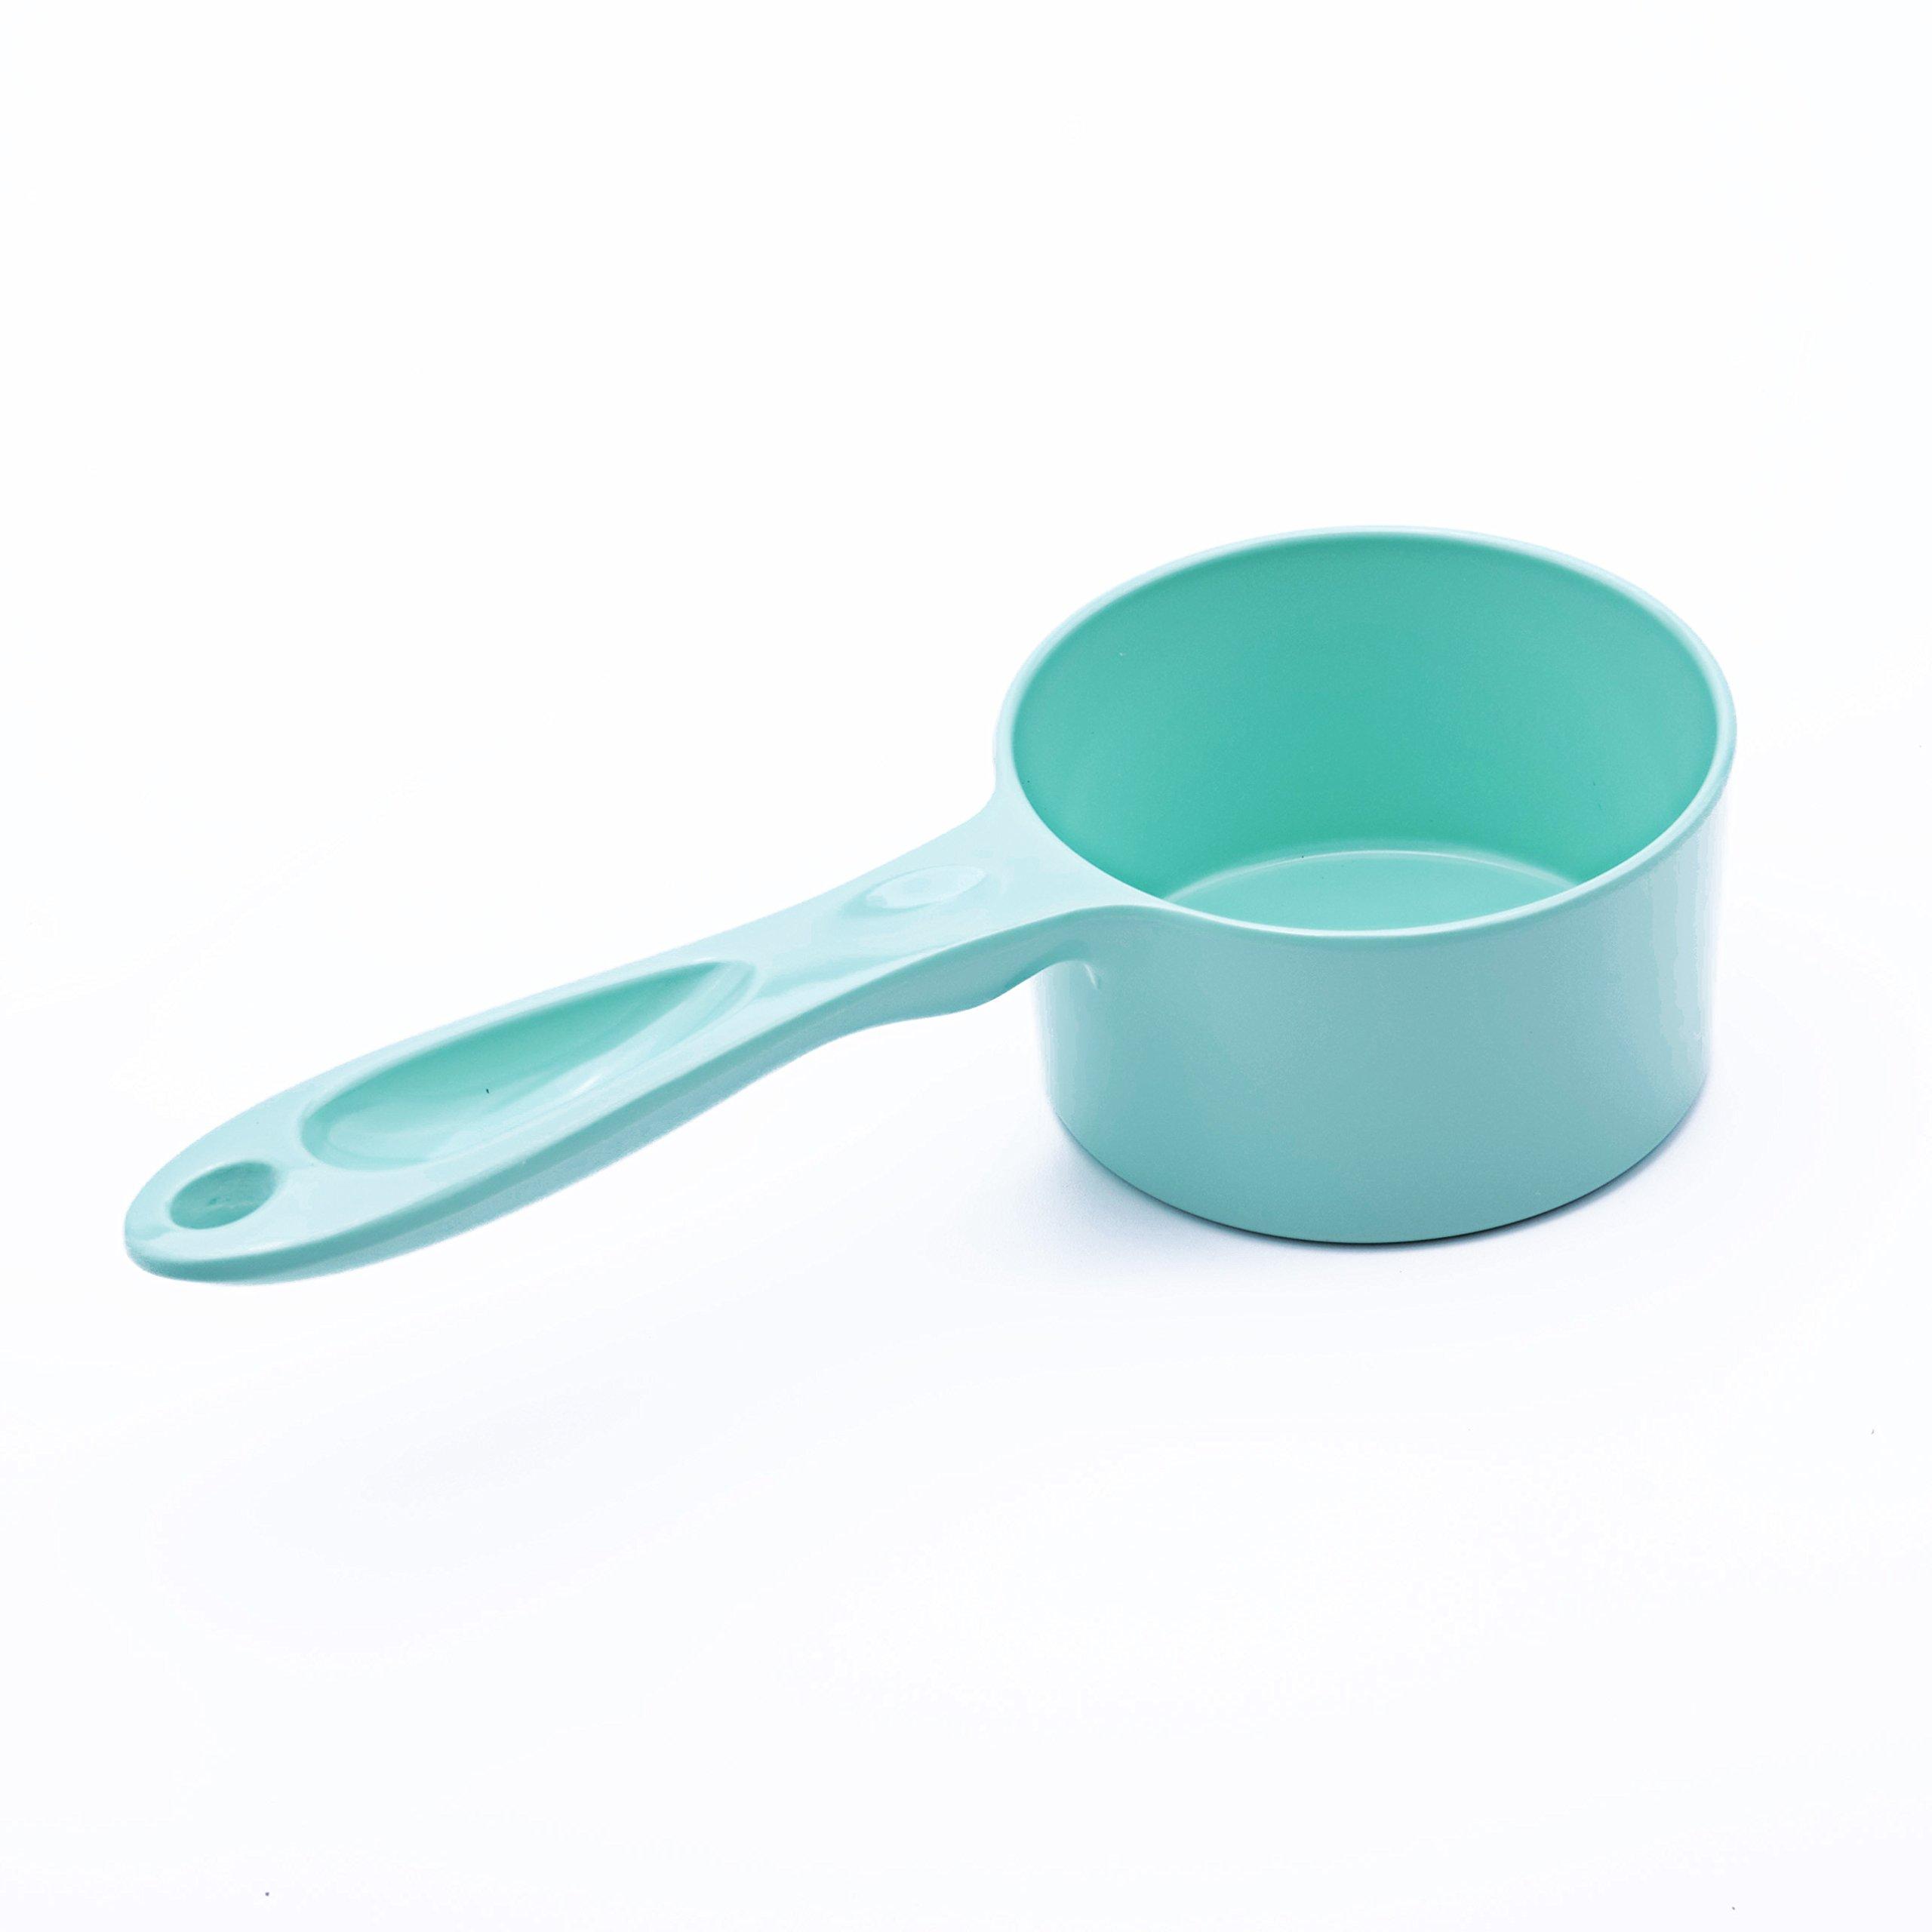 SUPER DESIGN Melamine Food Scoop for Bird Cat or Dog Food Light Green S